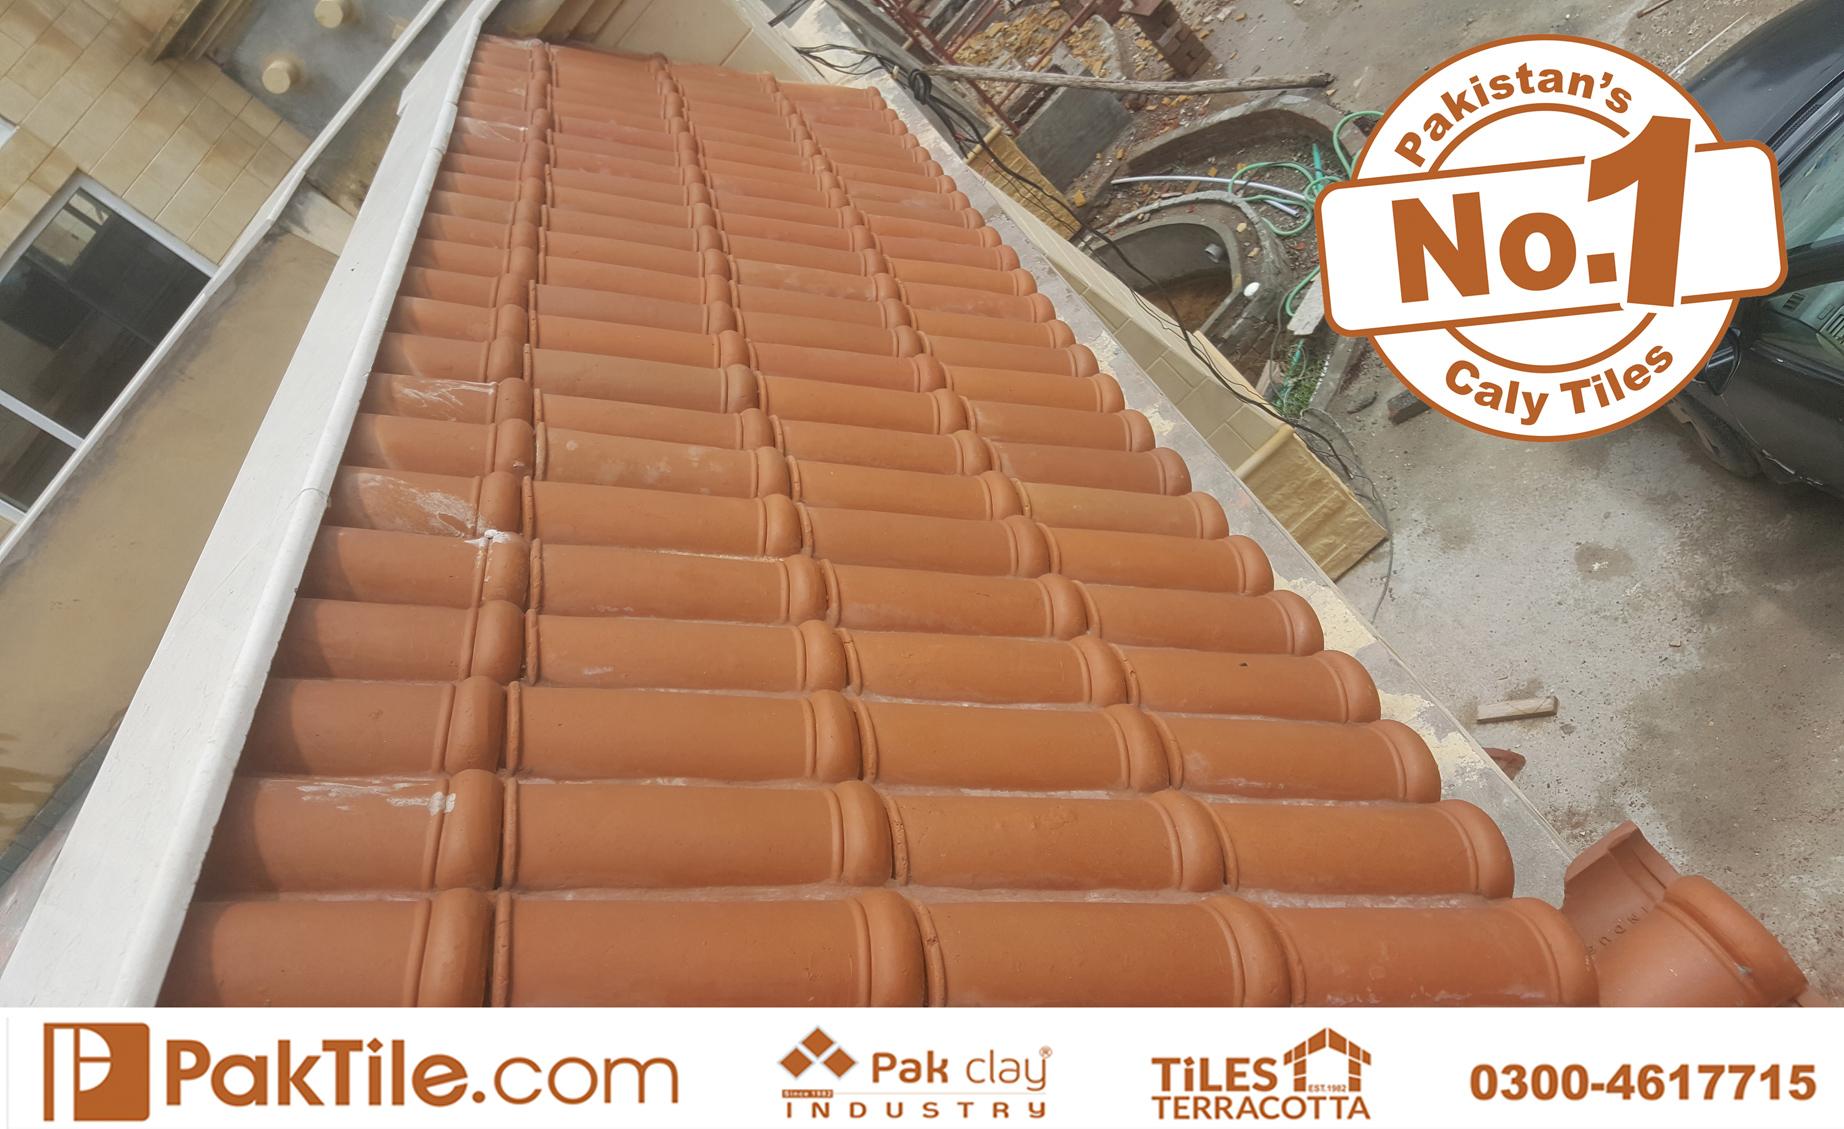 1 Terracotta Pak Clay Tiles Ceramic Roof Tiles Advantages Khaprail Tiles in Lahore Images